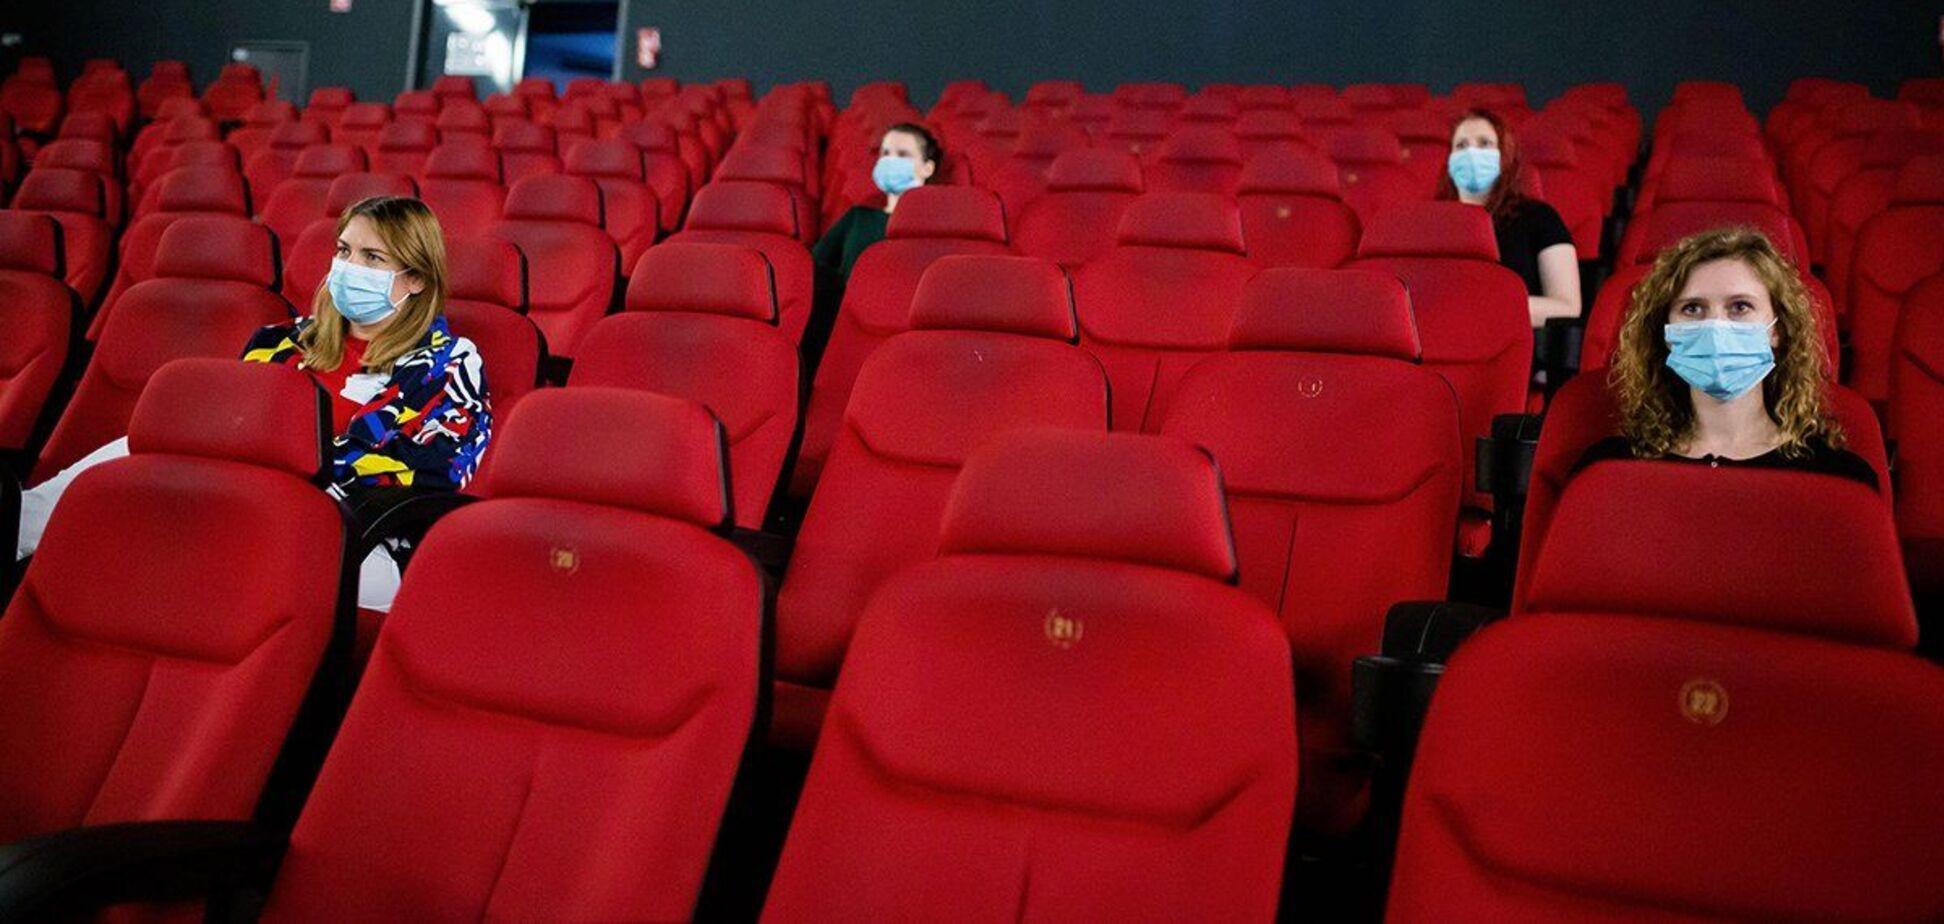 Карантин вихідного дня в Україні: як будуть працювати кінотеатри